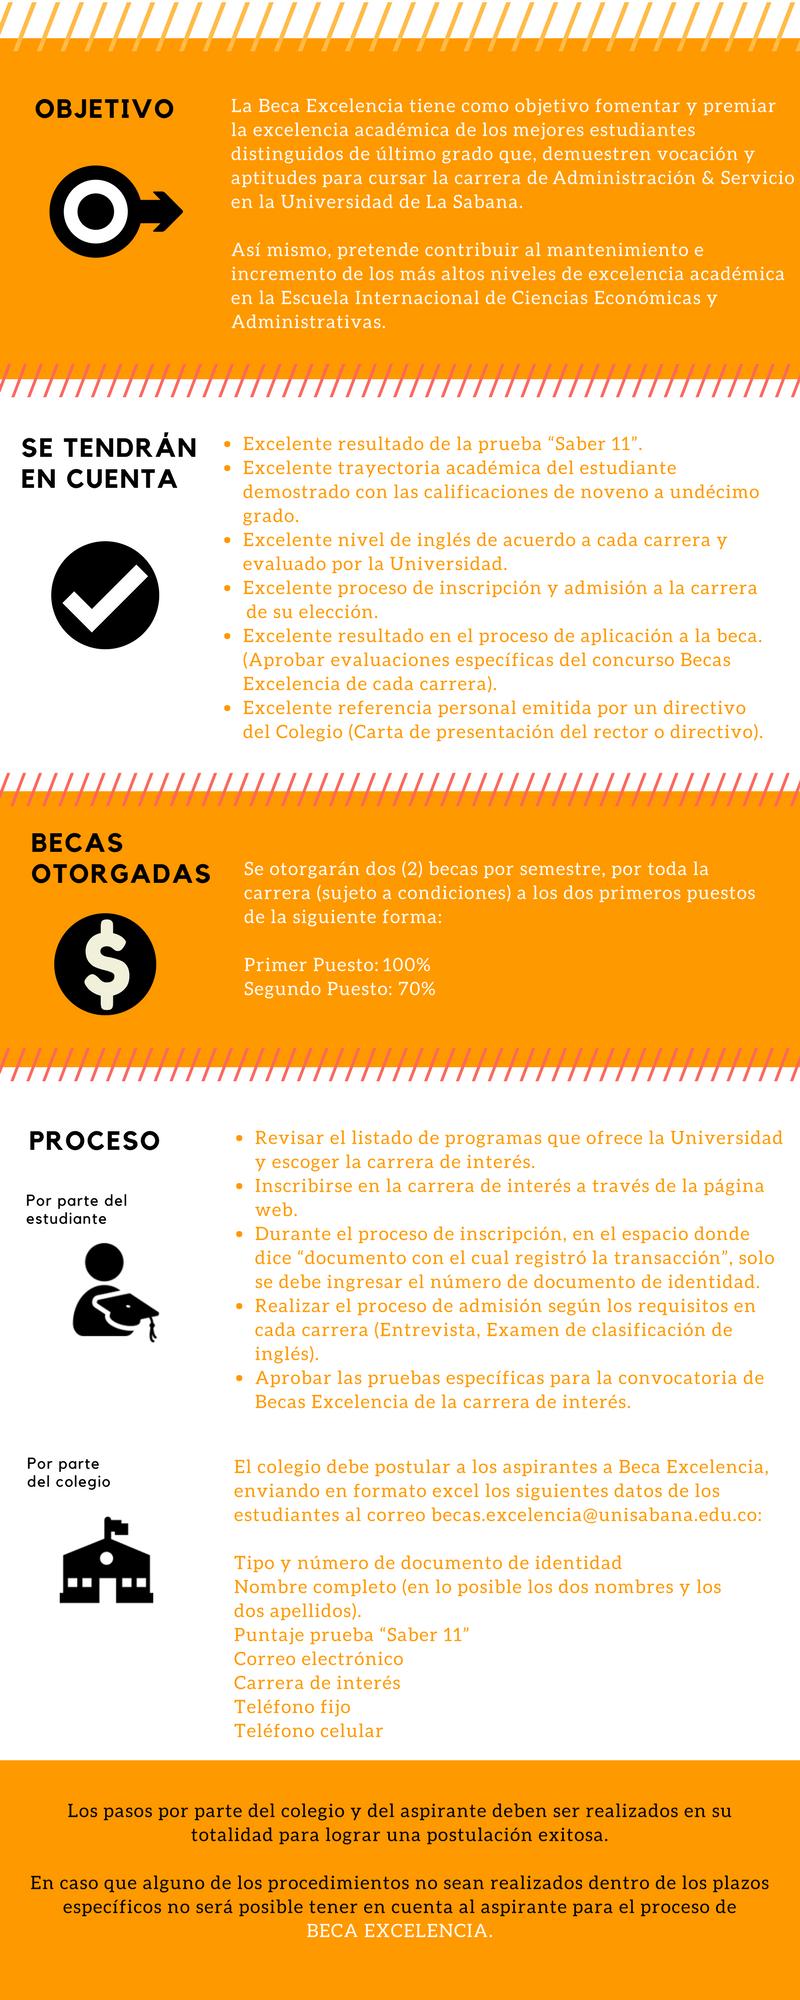 beca-excelencia-administracion-servicio-unisabana-eicea